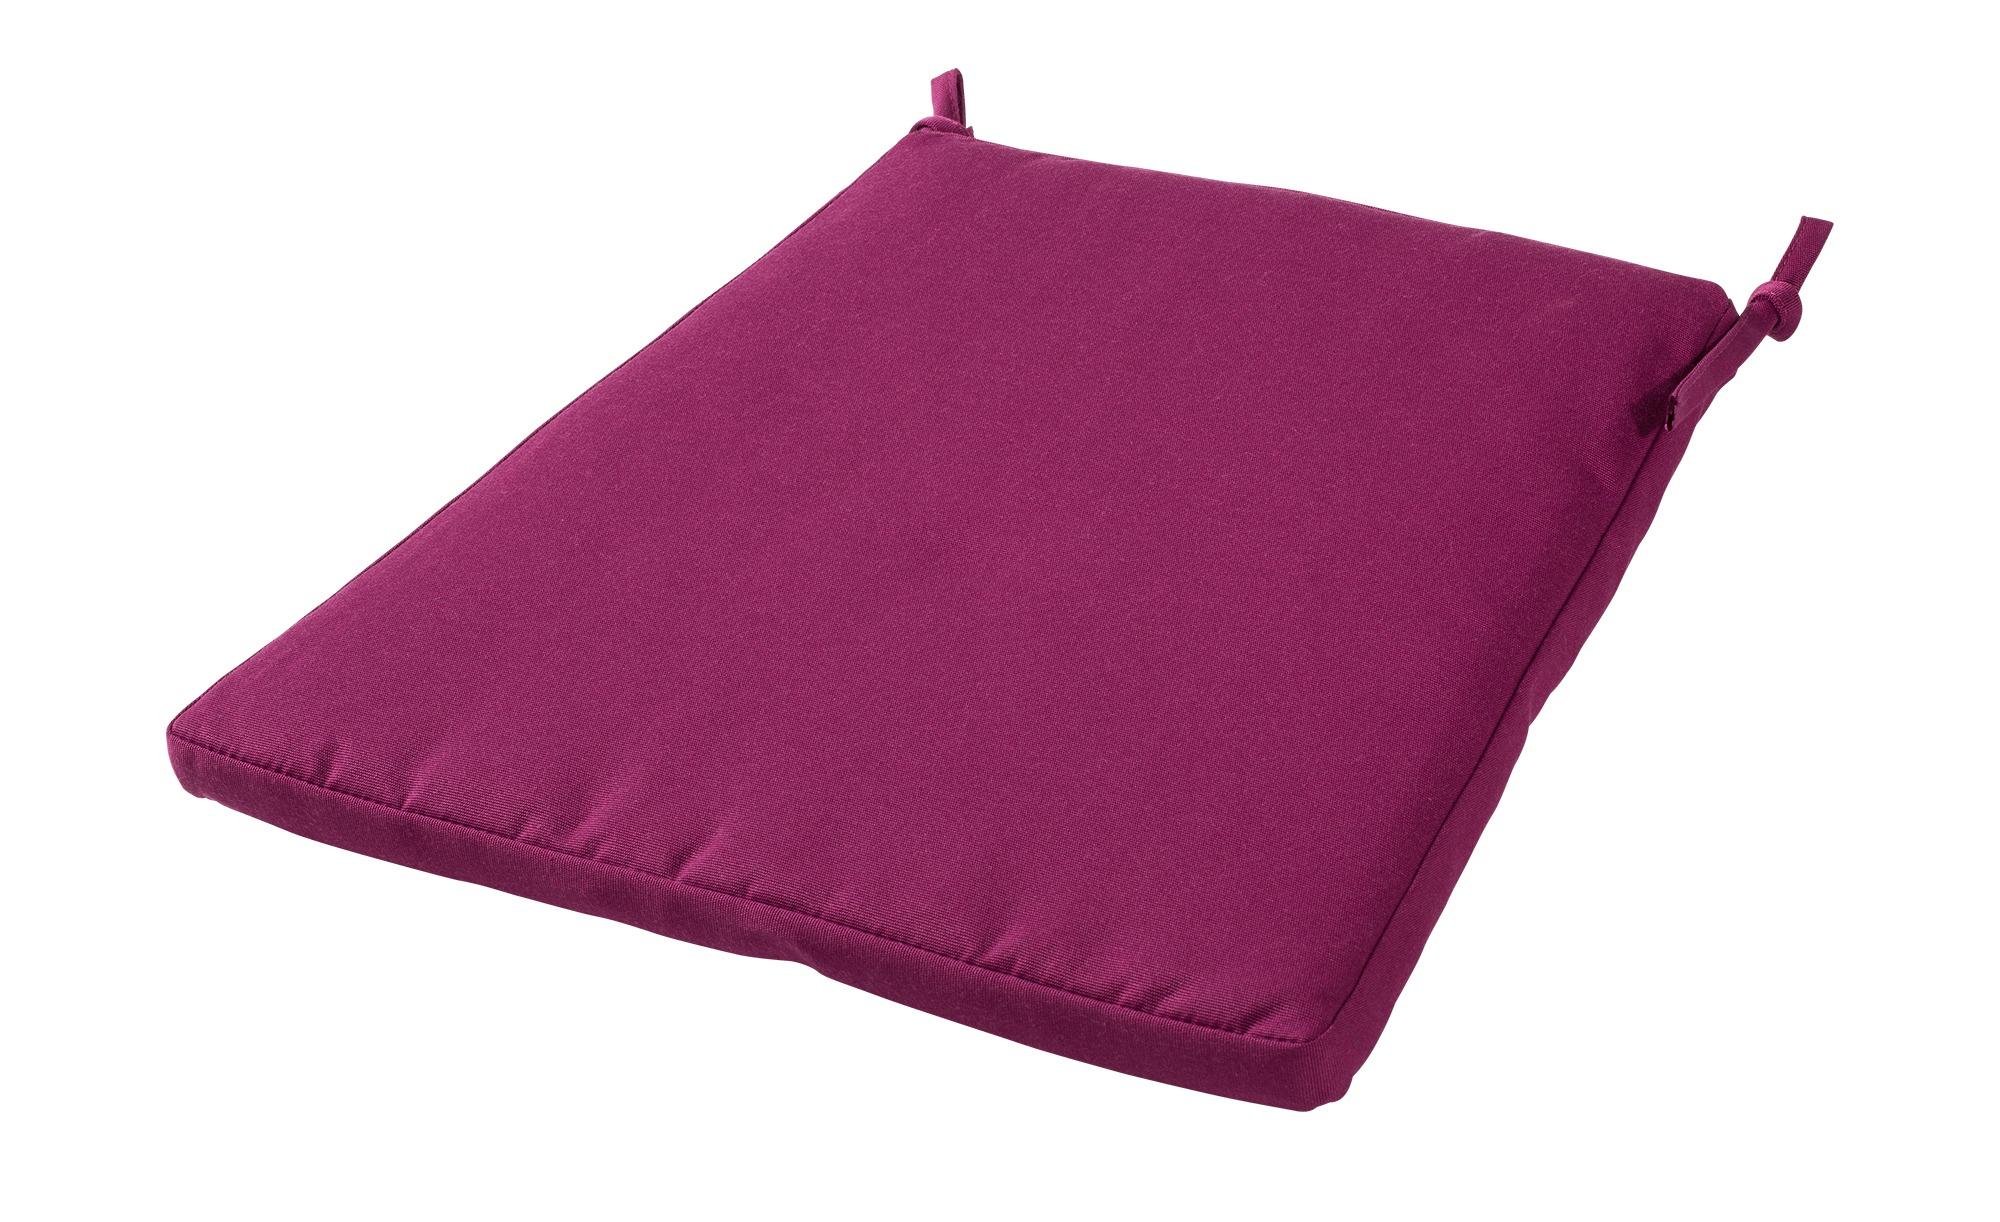 Zebra Sitzkissen  Milano ¦ lila/violett ¦ 100% Polyester ¦ Maße (cm): B: 44 H: 2,5 Garten > Auflagen & Kissen > Outdoor-Sitzkissen - Höffner